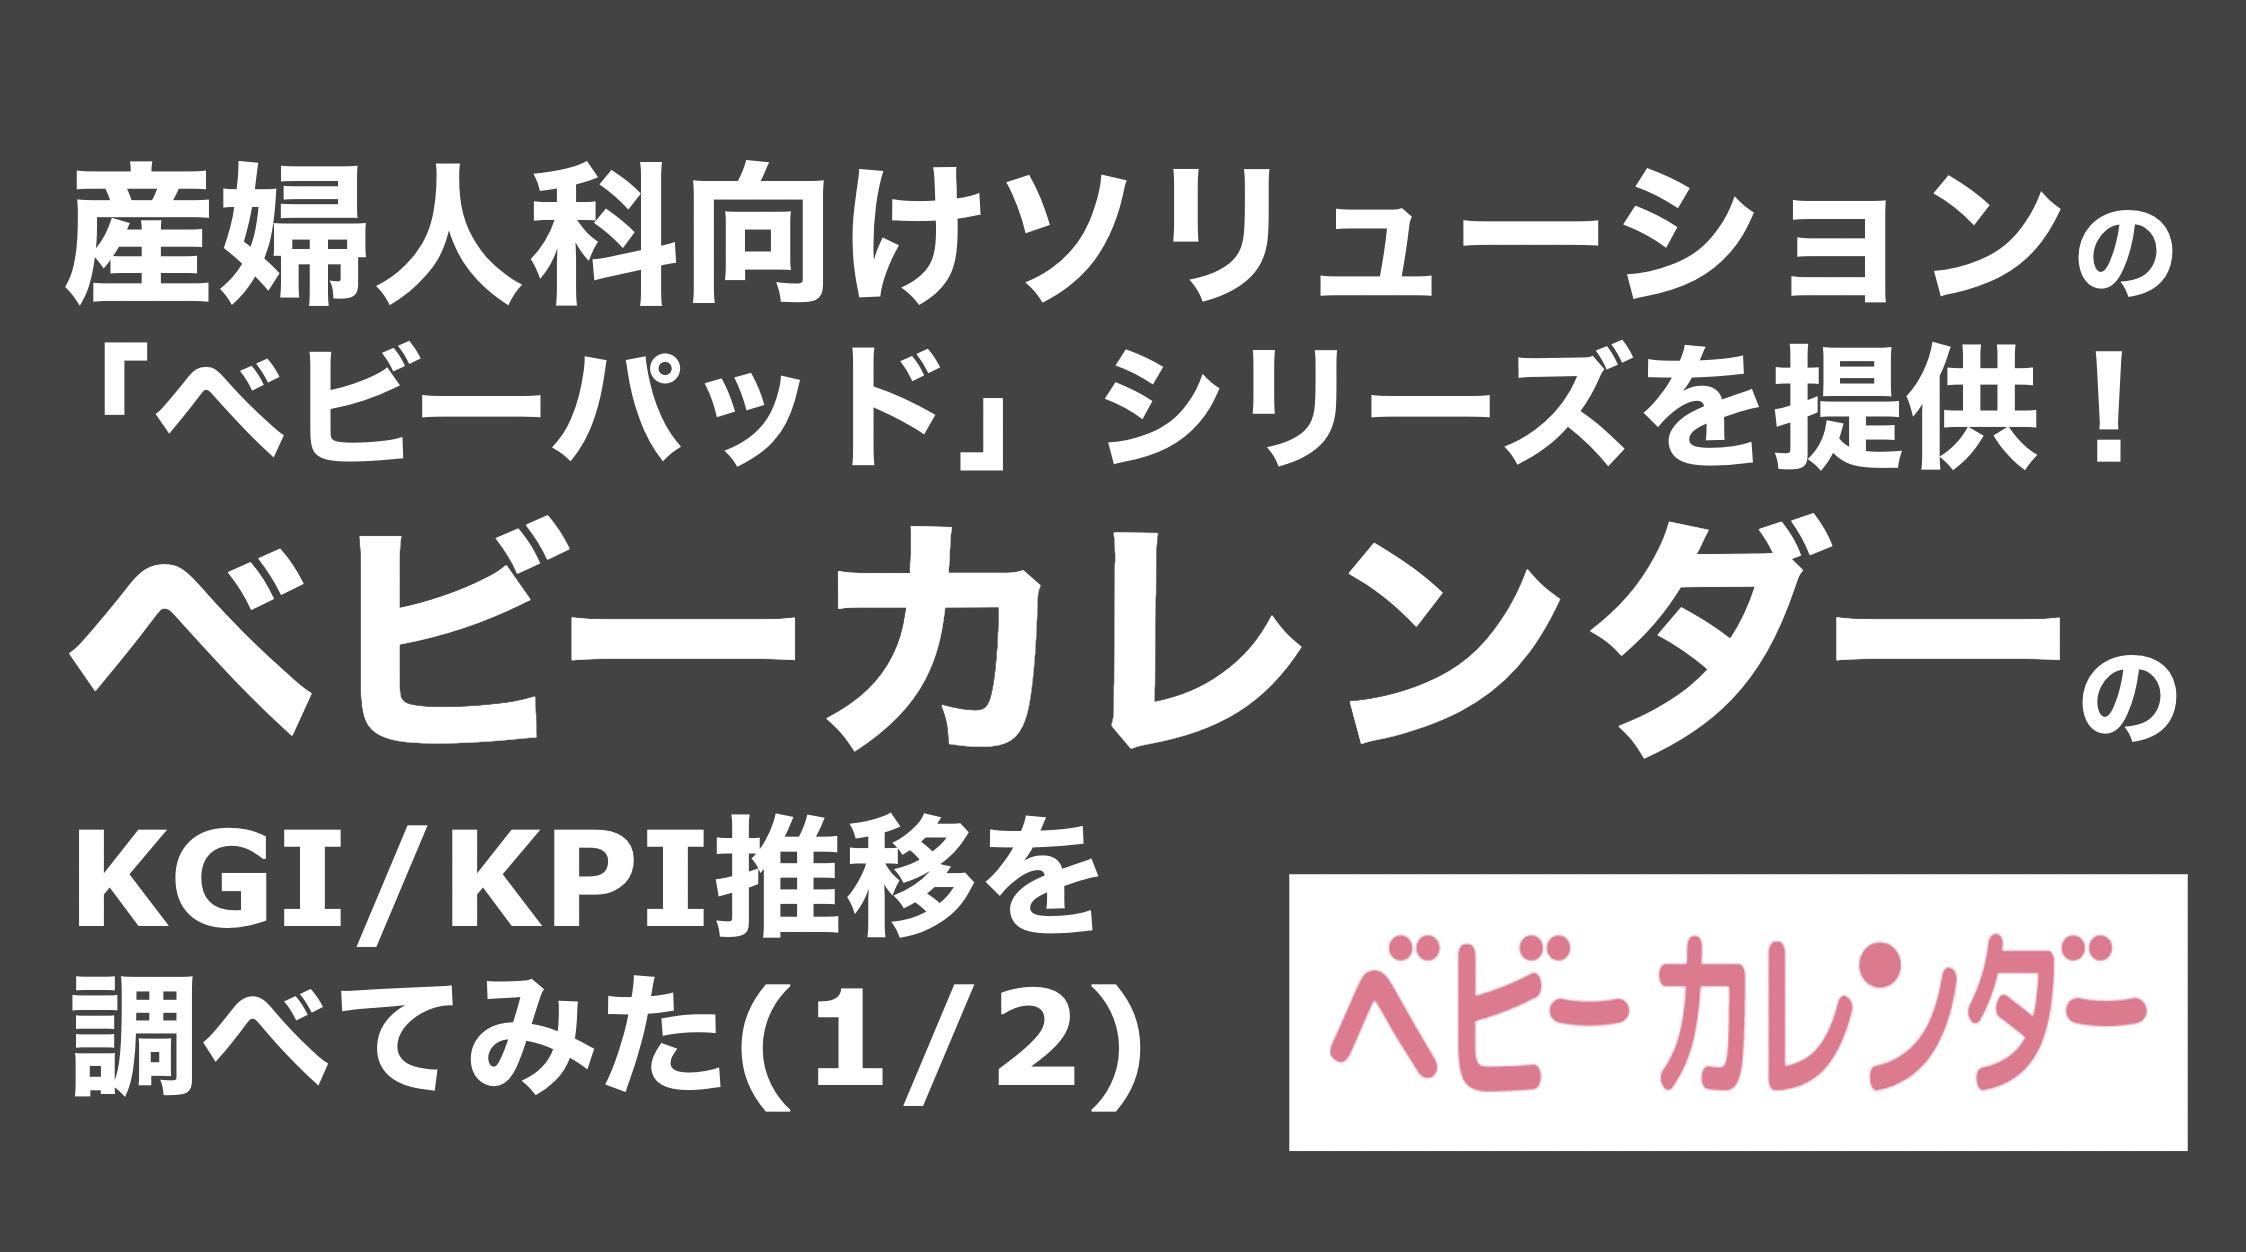 saaslife_ 産婦人科向けソリューションの 「ベビーパッド」シリーズを提供!ベビーカレンダーのKGI/KPI推移を調べてみた(1/2)